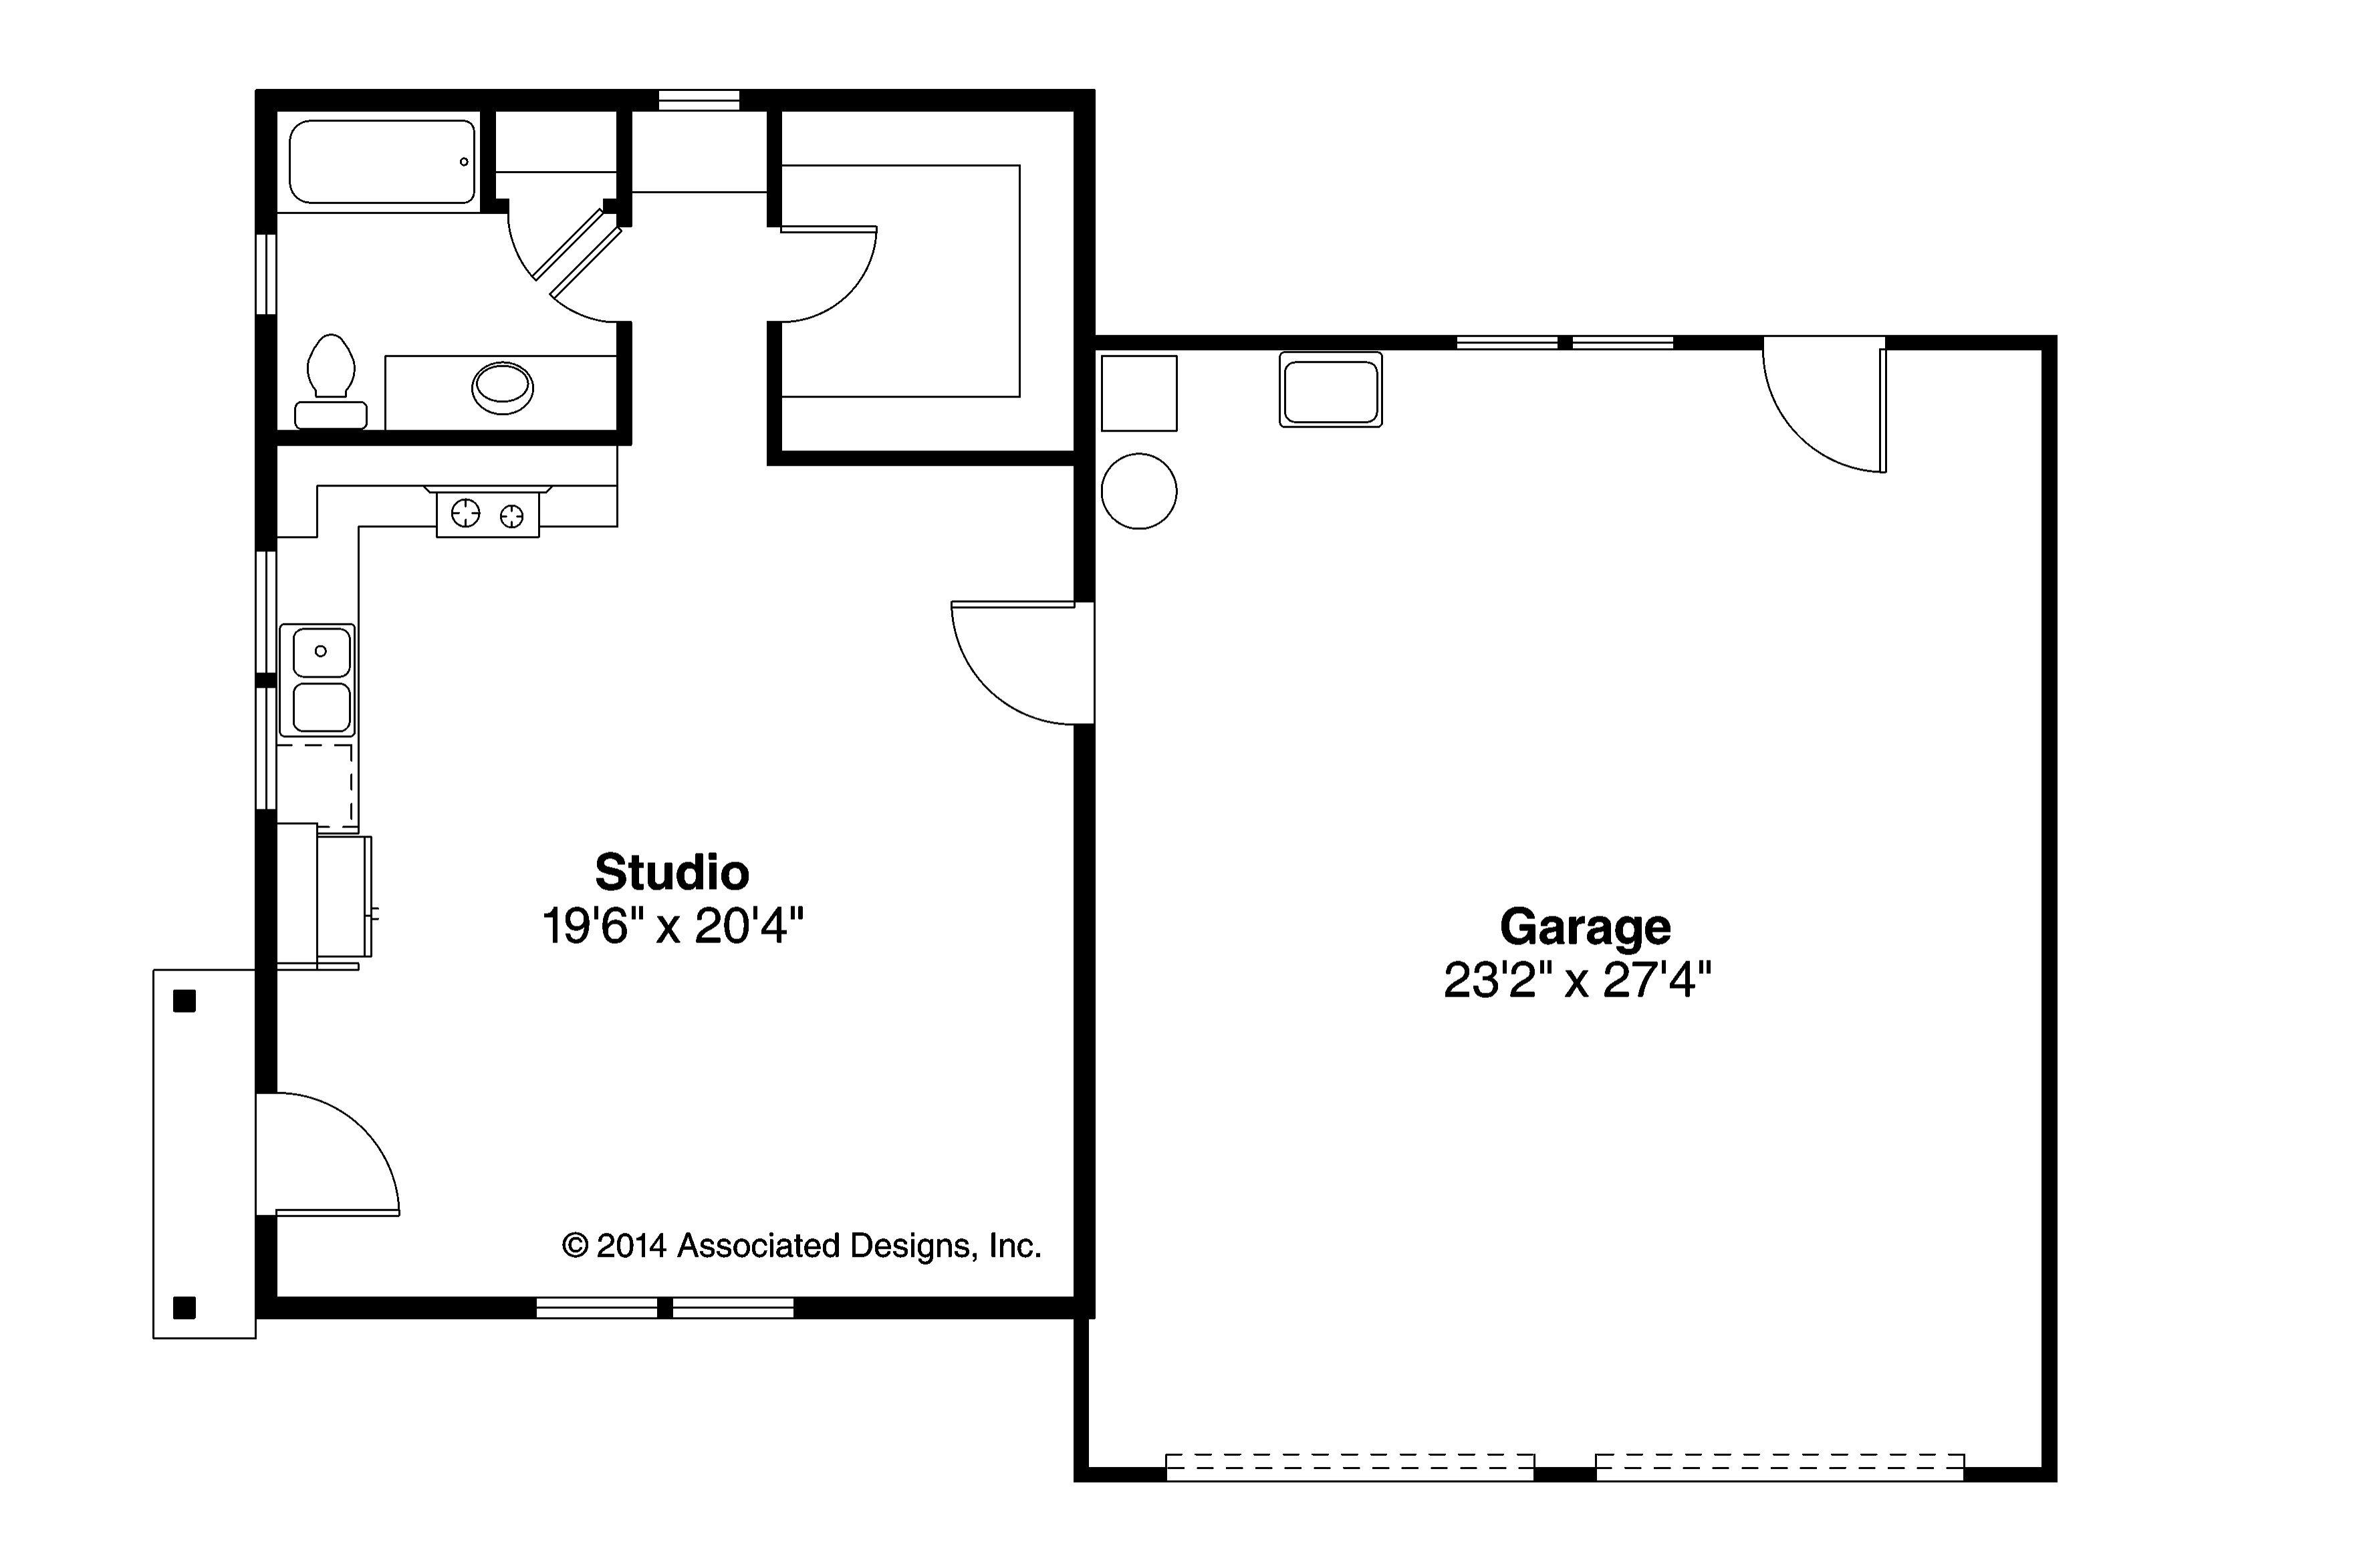 Garage Doors Door Height For Rvs And Suvs A 1 Overhead Door Systems